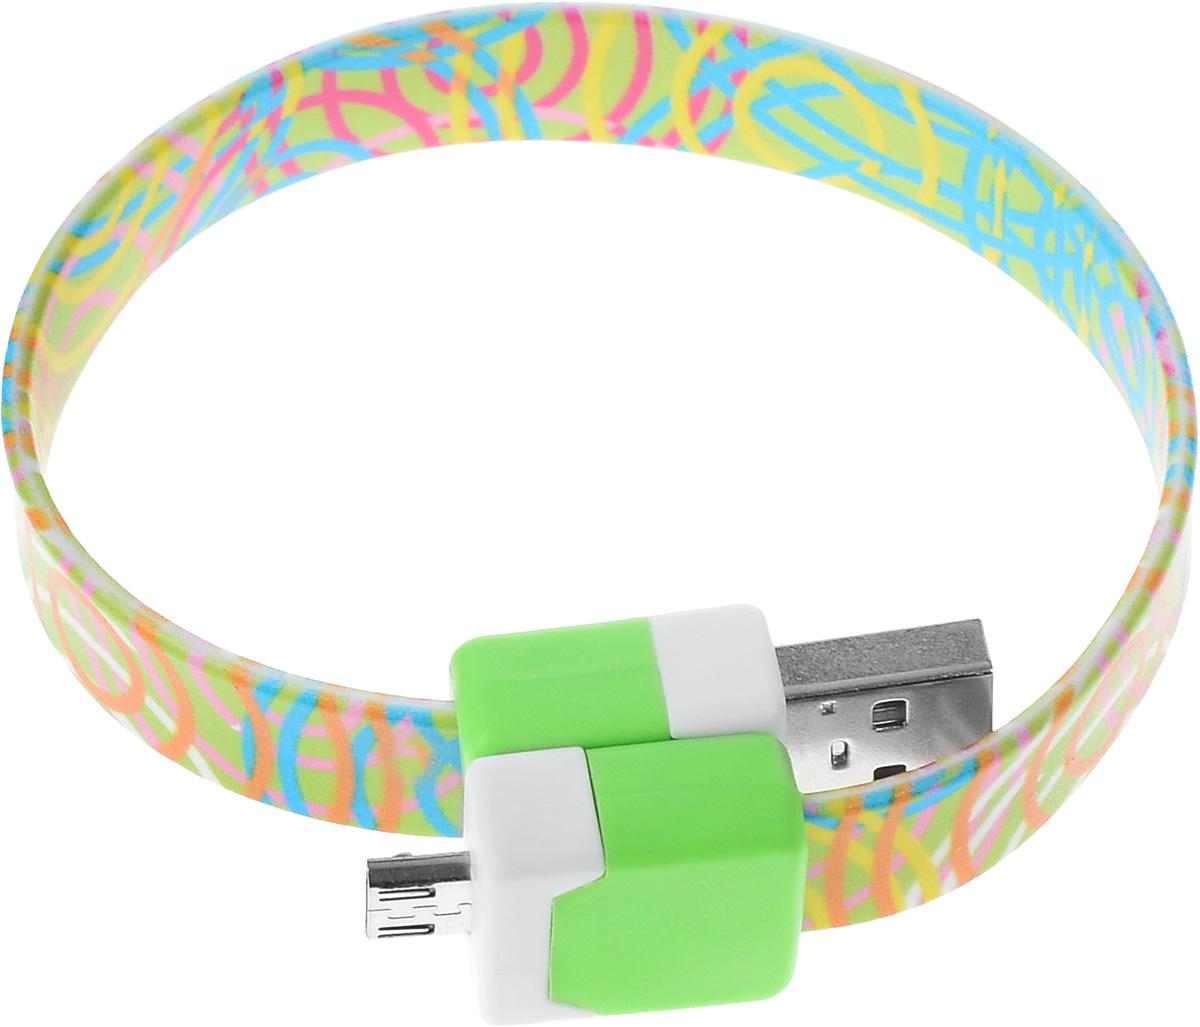 Фото - Кабель USB-micro USB 2.0, 25cм DVTech CB135 multicolor кабель dvtech cb402 plus usb psp зарядка обмен данными черный 1 2 м